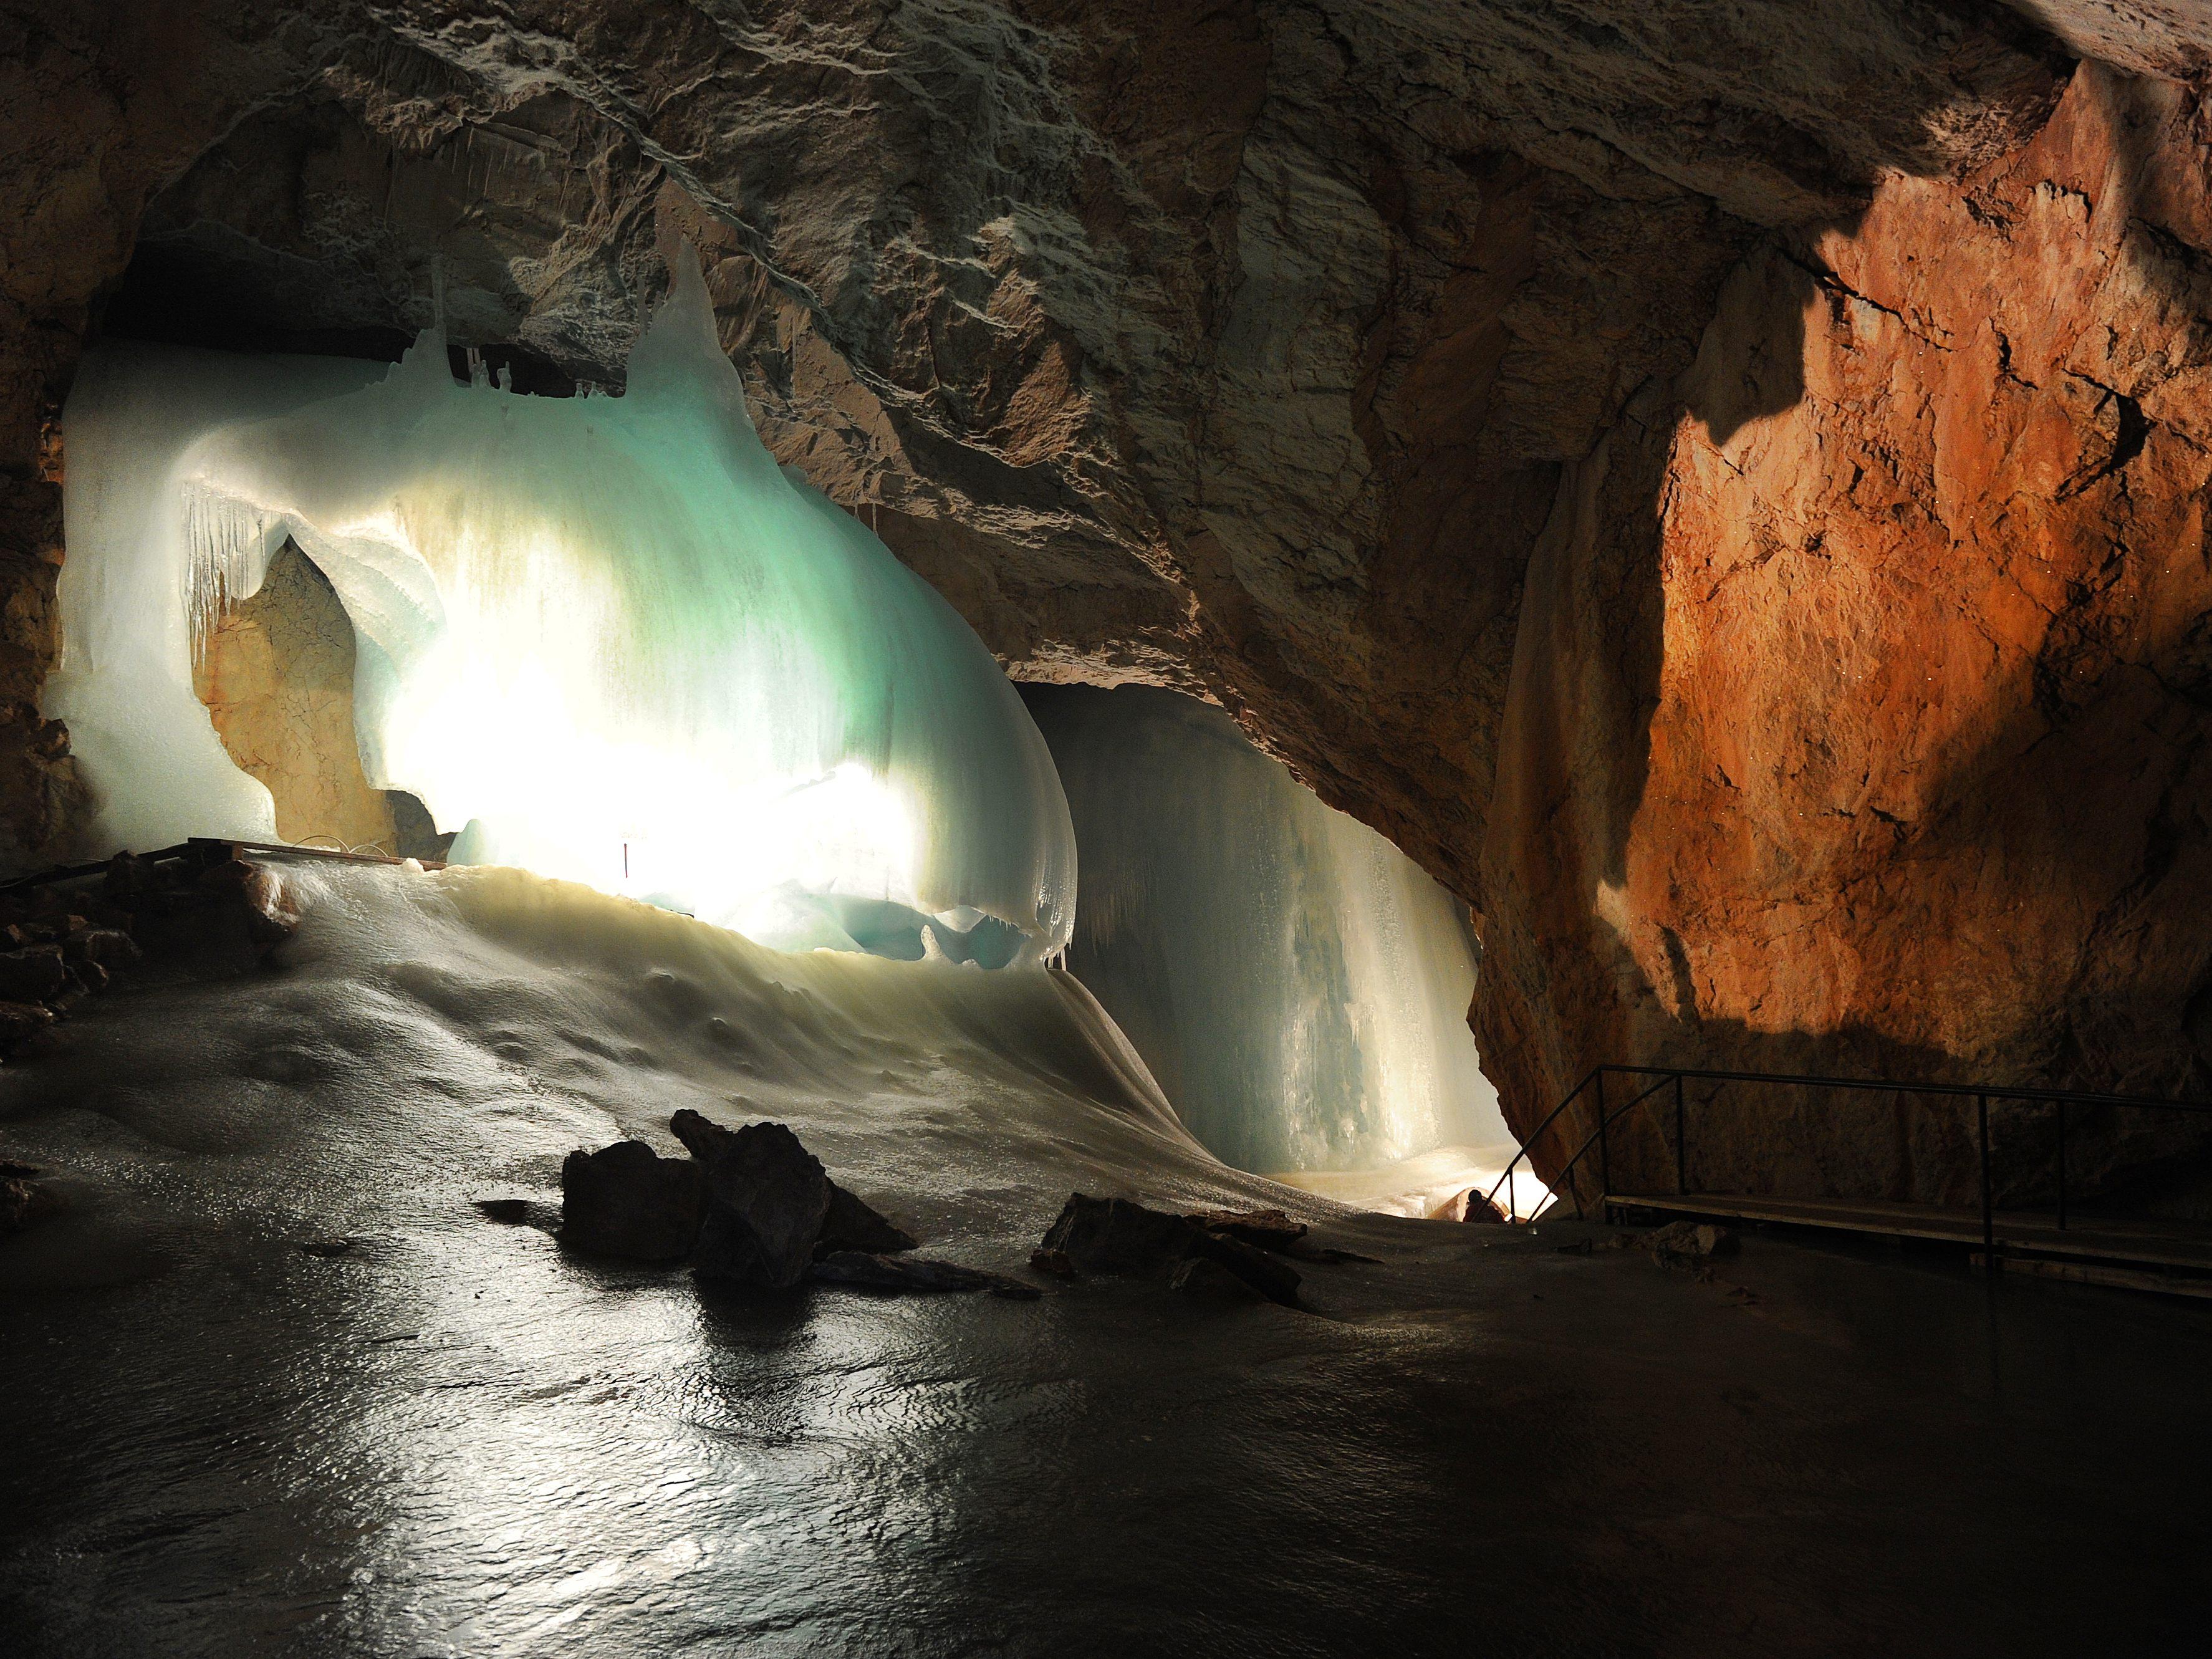 Steinschlag in Eishöhle: 13-Jähriger stirbt in Österreich | BR24